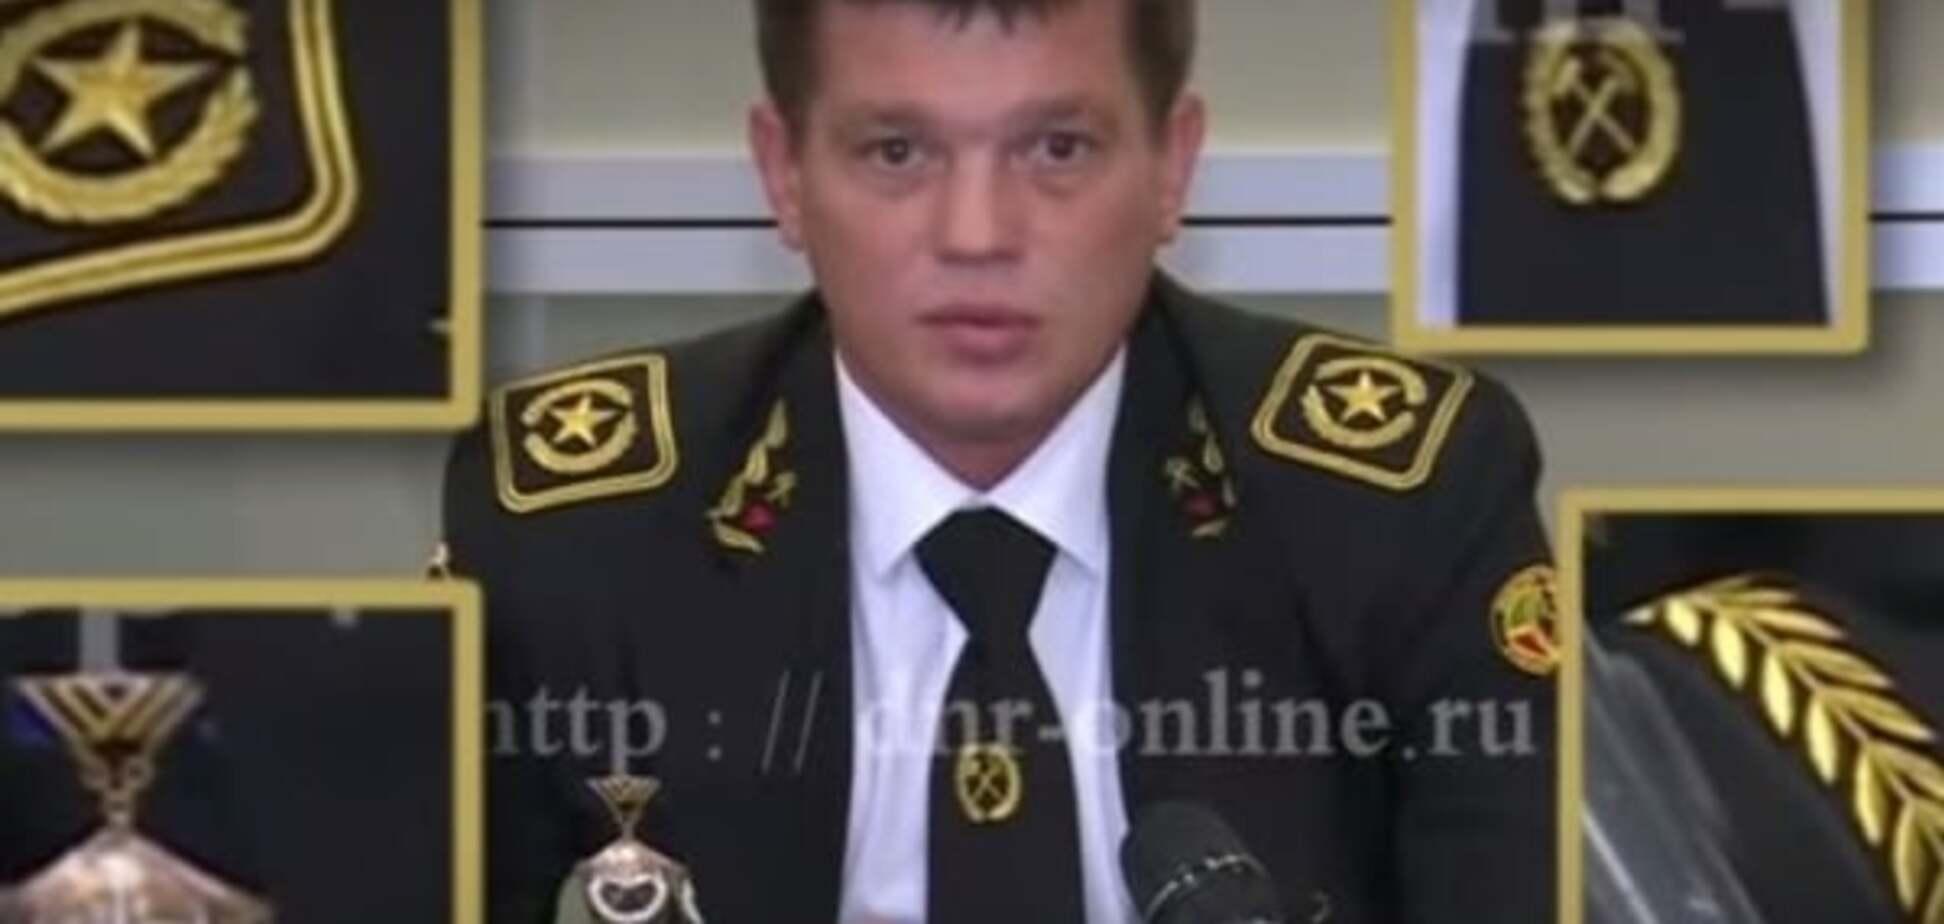 Дембелям и не снилось. В сети высмеяли форму 'госслужащих ДНР': опубликовано видео